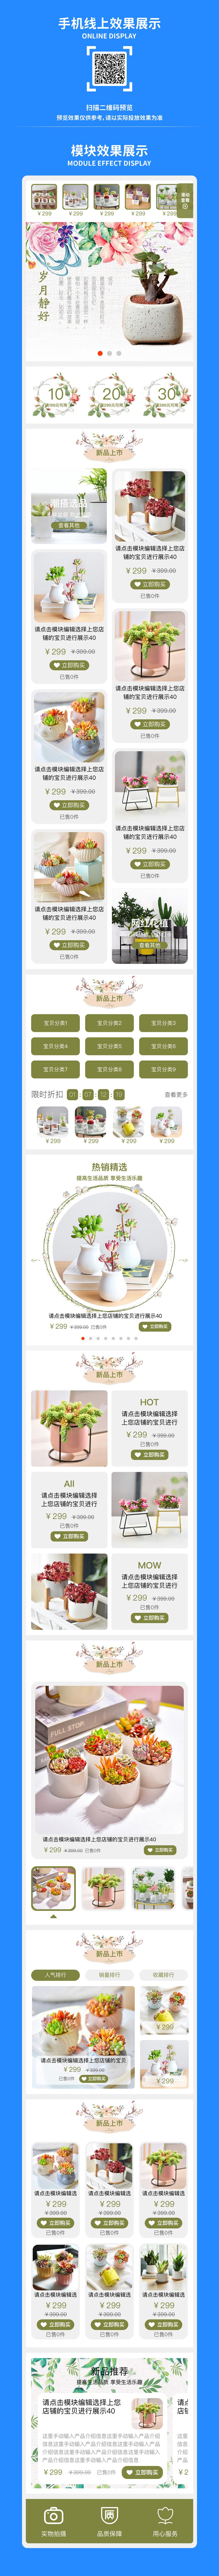 186绿植盆栽微商城-第二屏介绍.jpg